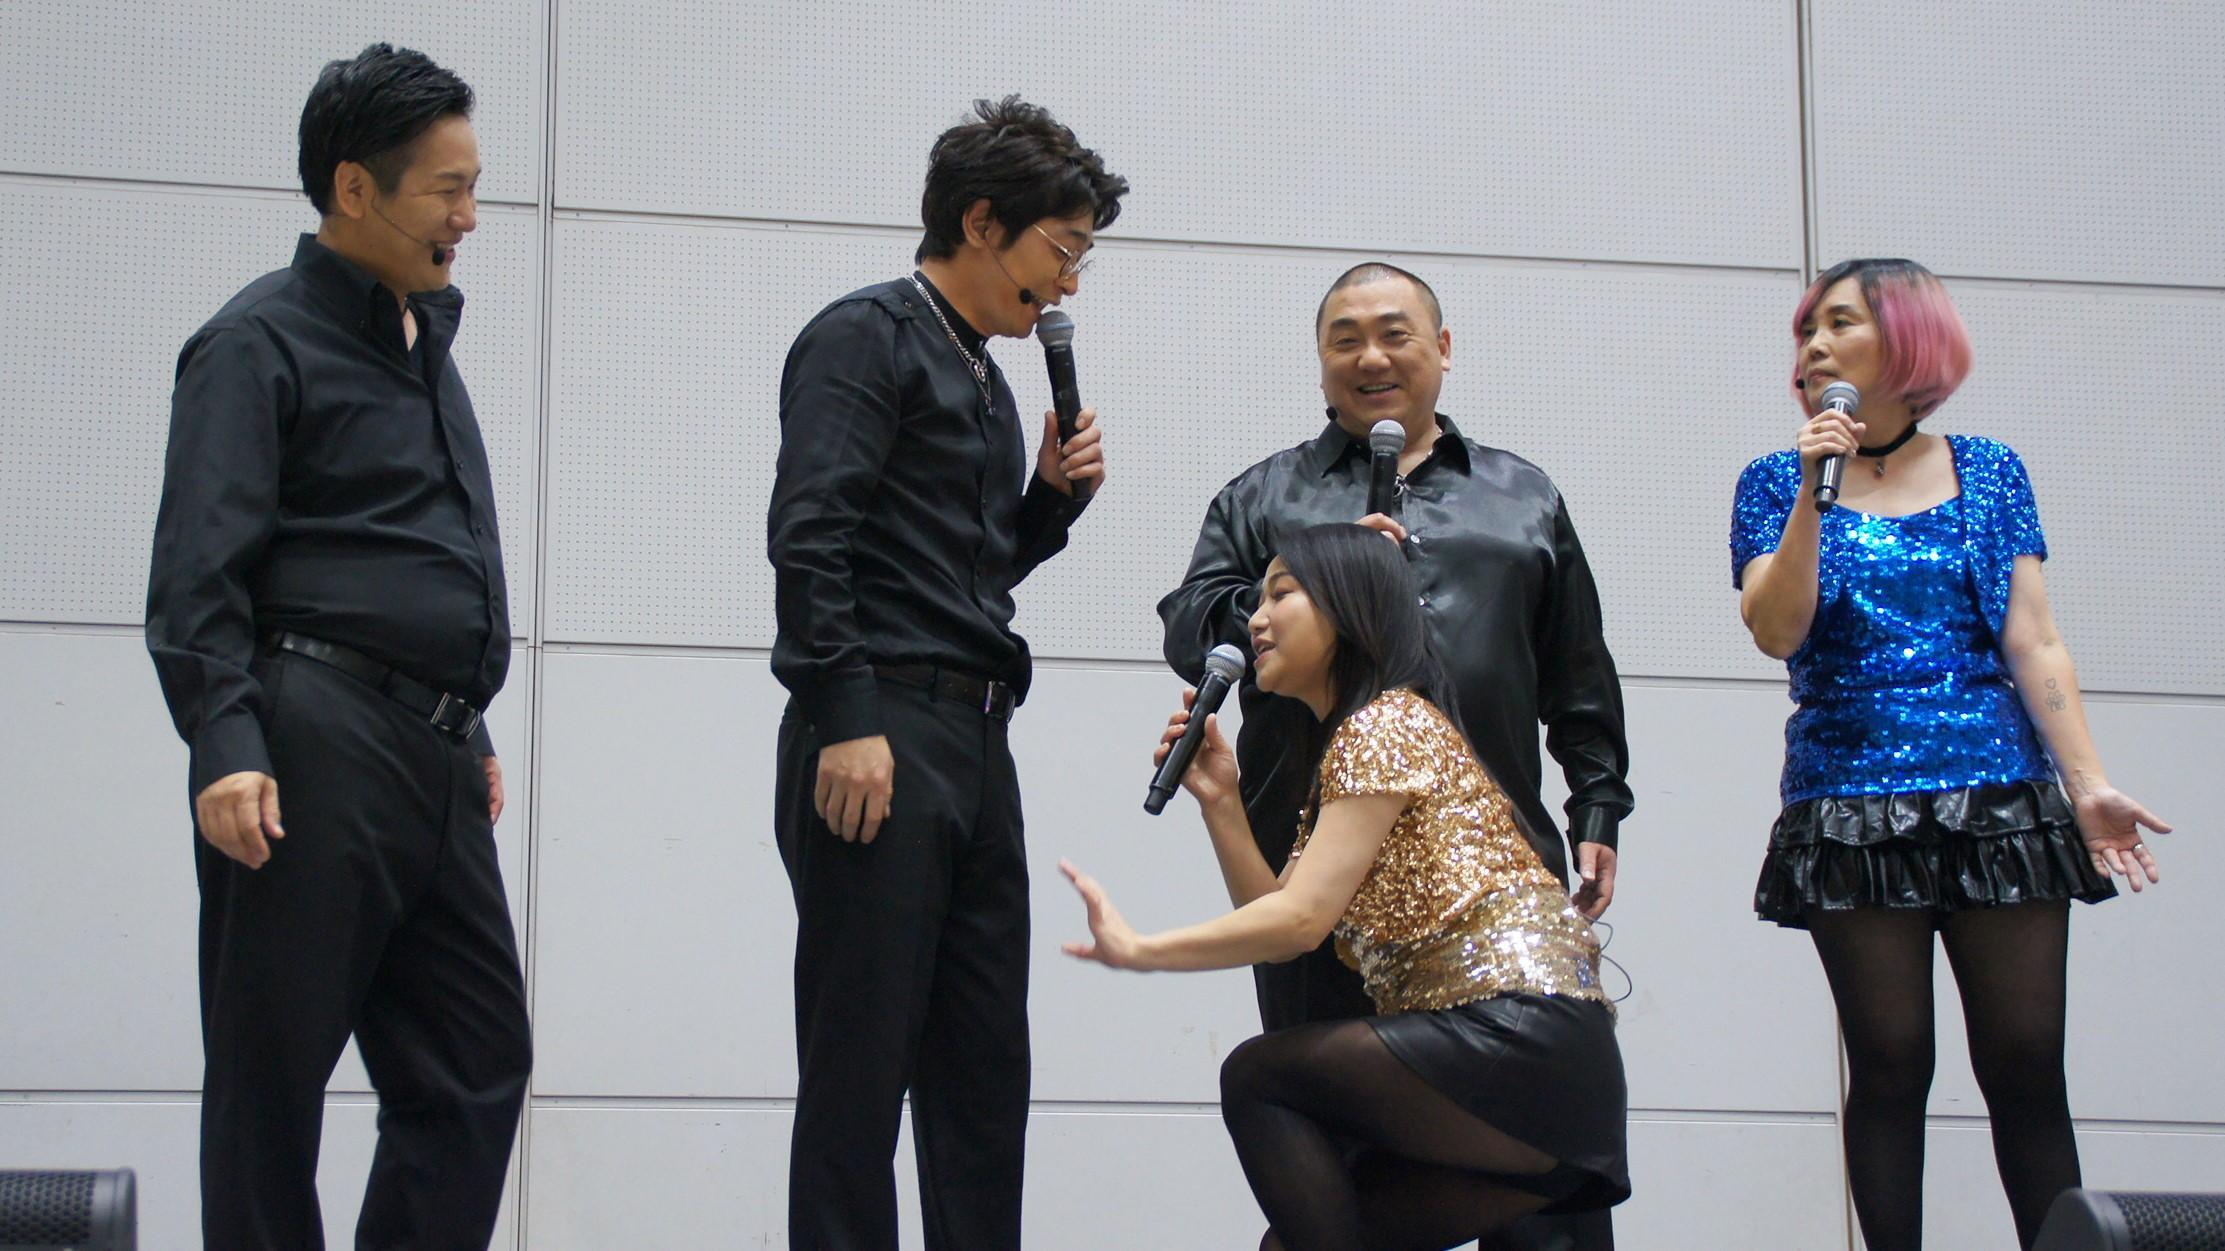 http://news.yoshimoto.co.jp/20190202215921-184b7044b7573d4fd300cb6a9b802eaa76e9777f.jpg